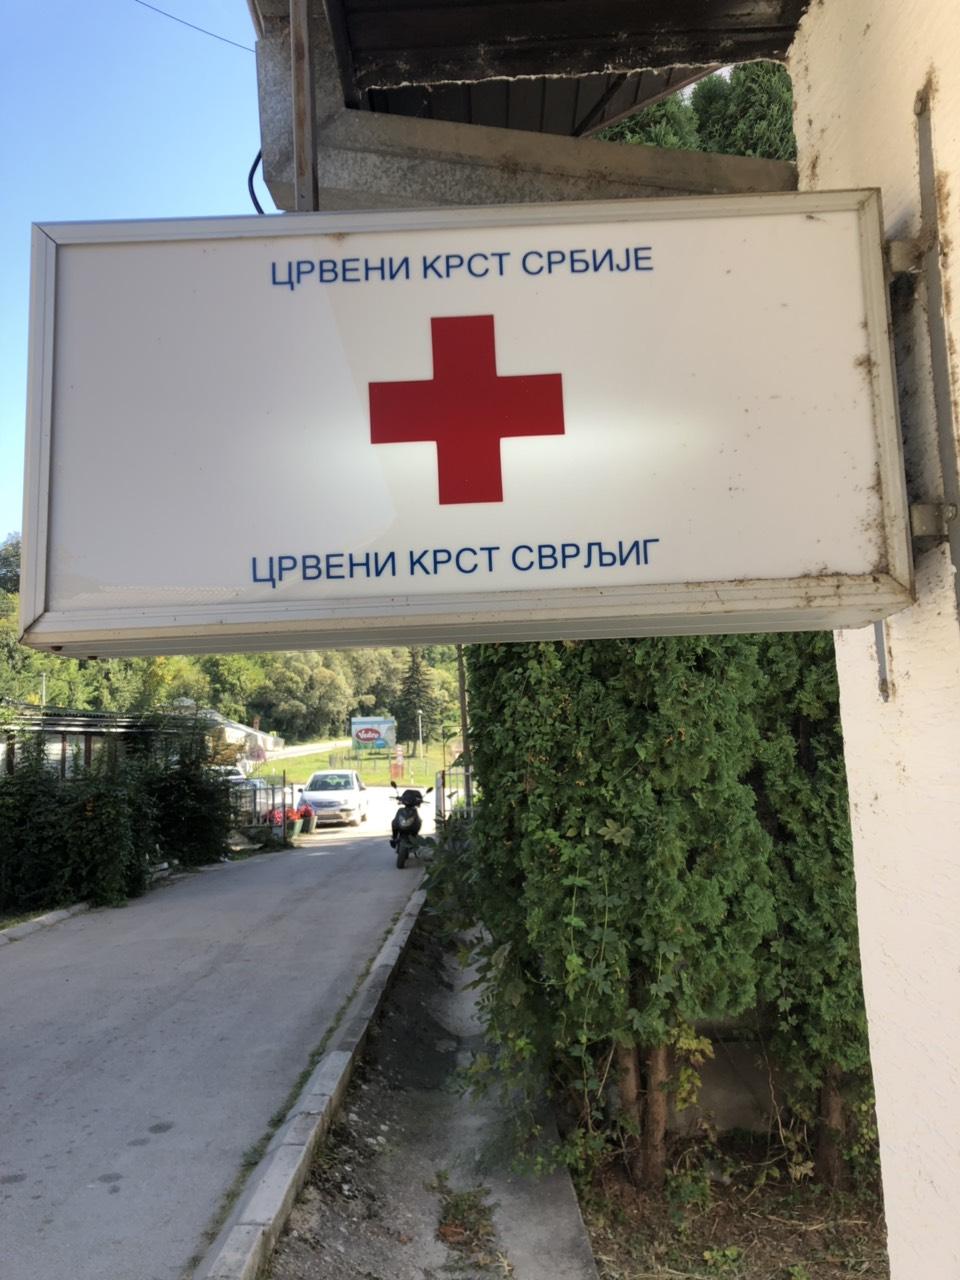 Održana Izborna skupština Crvenog krsta Svrljig